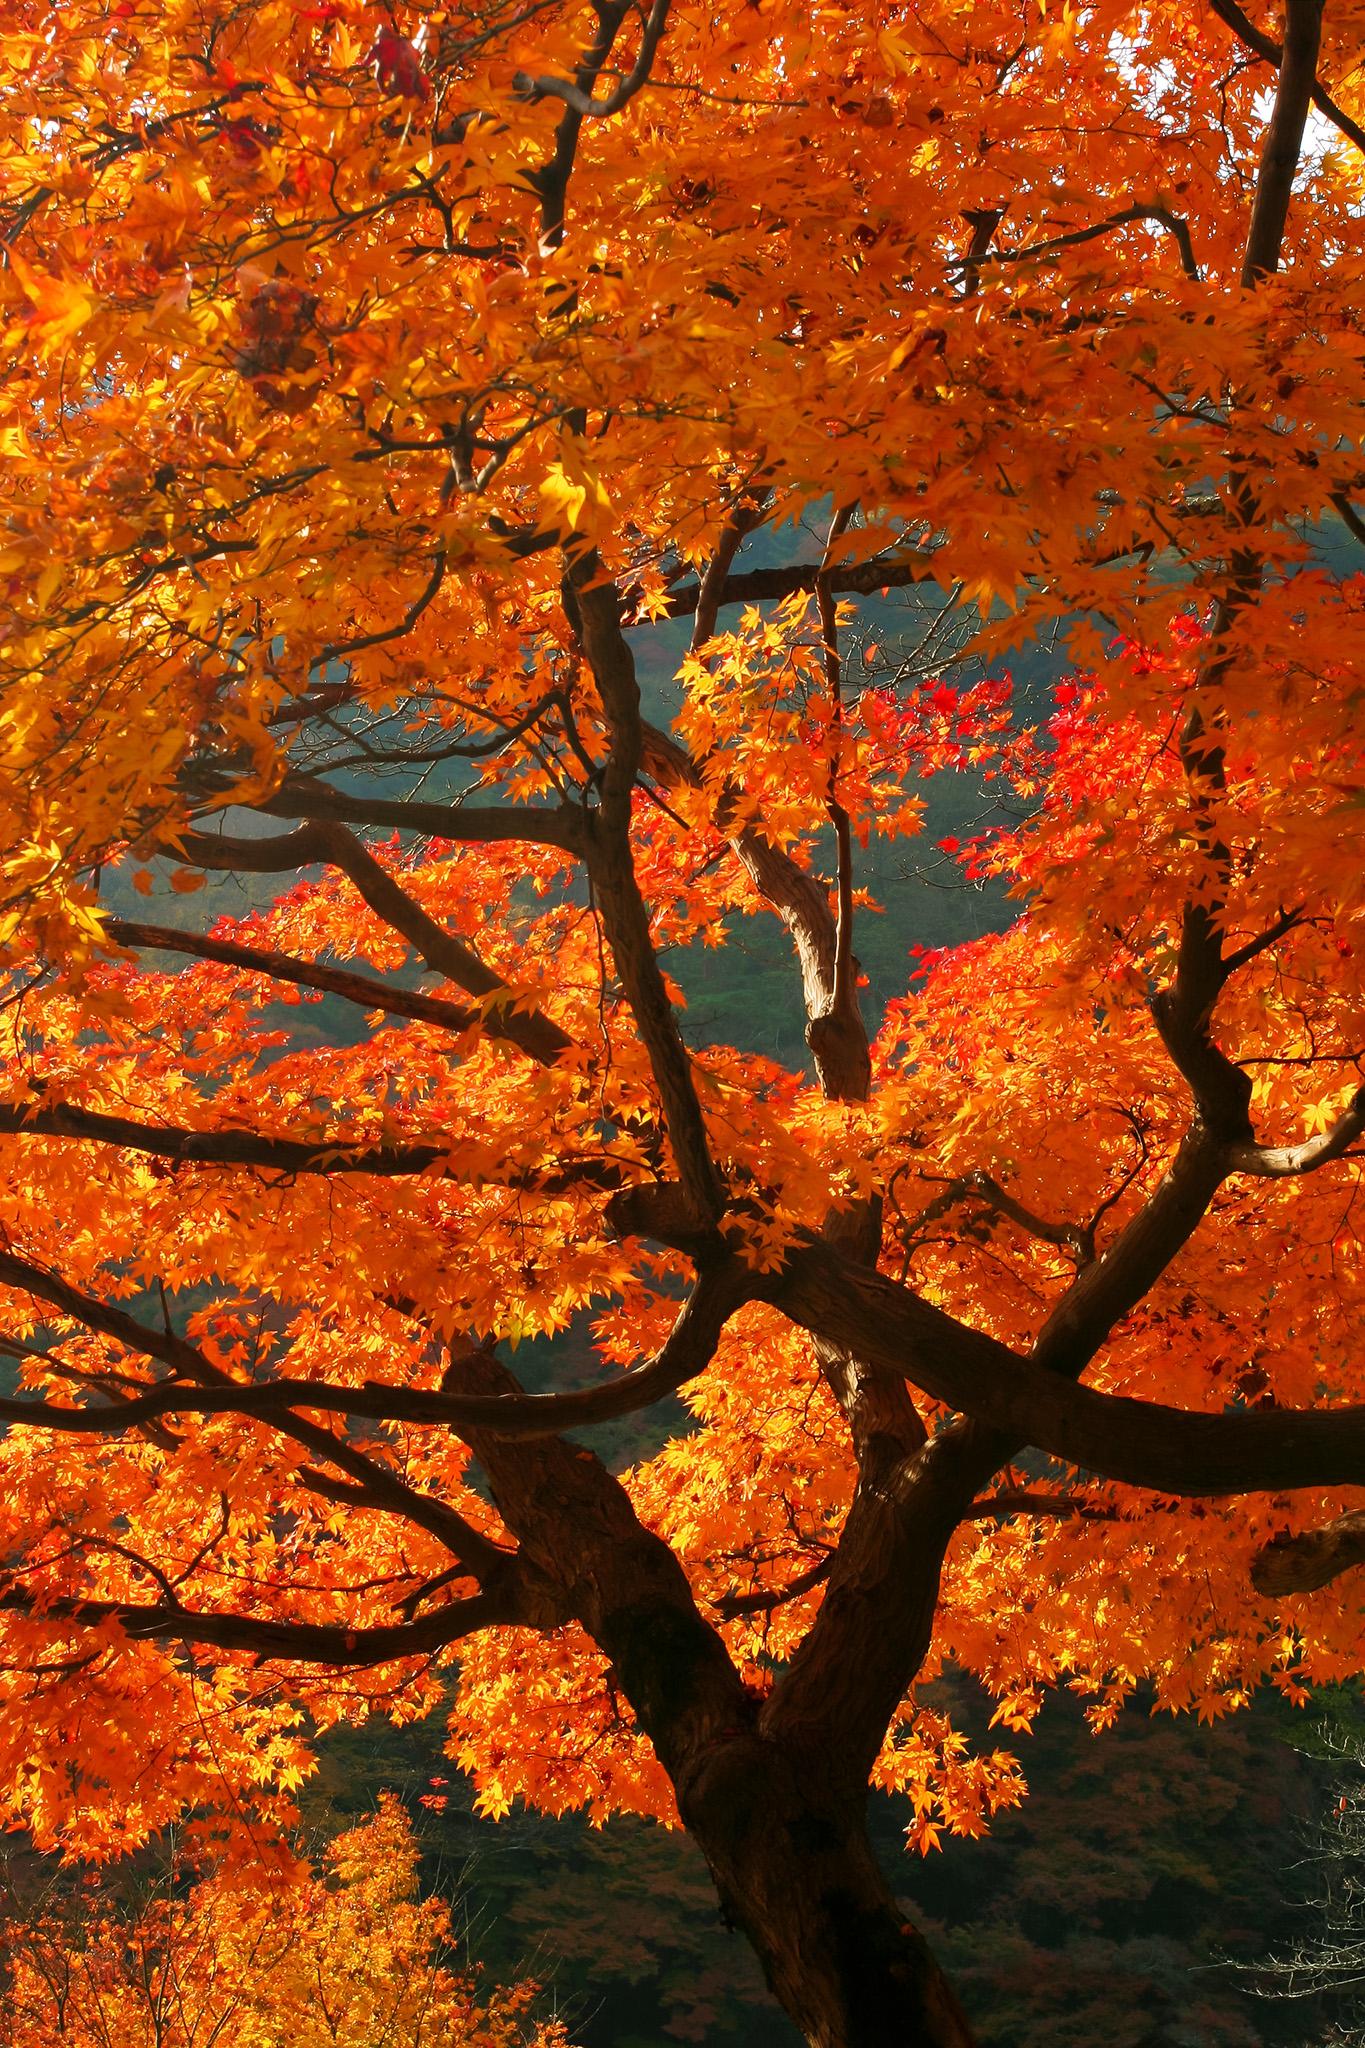 「オレンジ色のモミジの木」